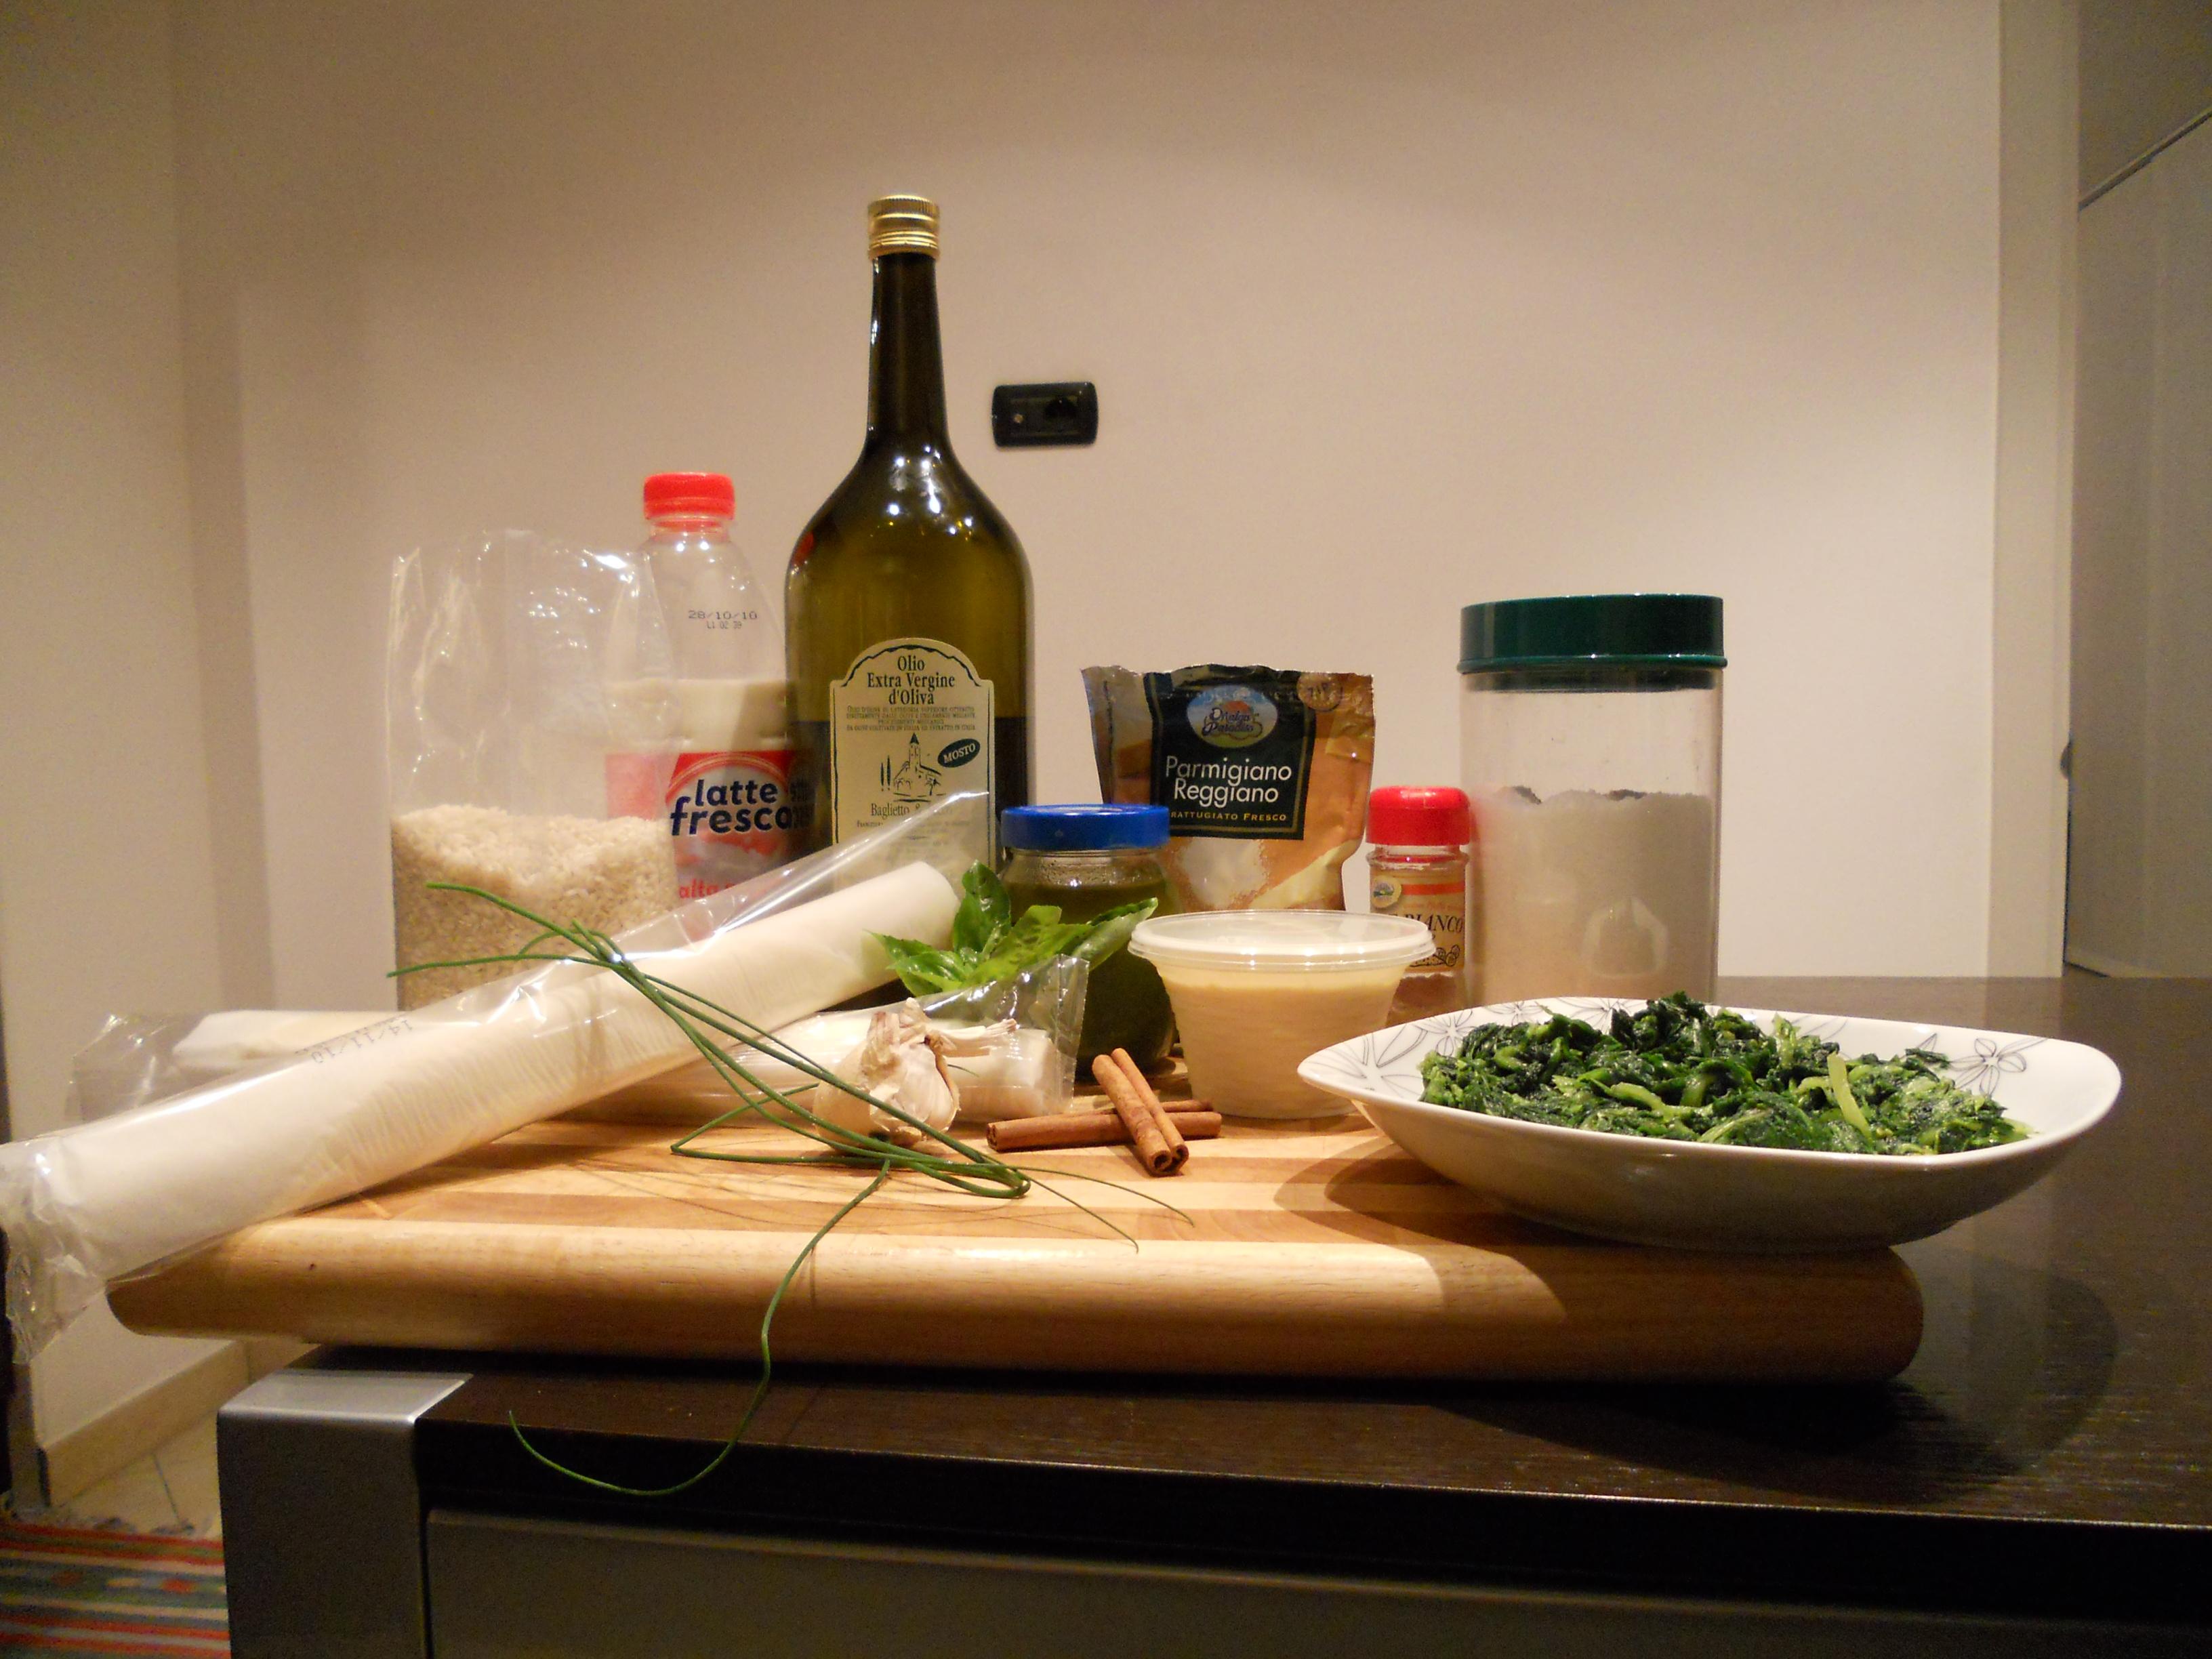 Torta salata alla ligure - Ingredienti